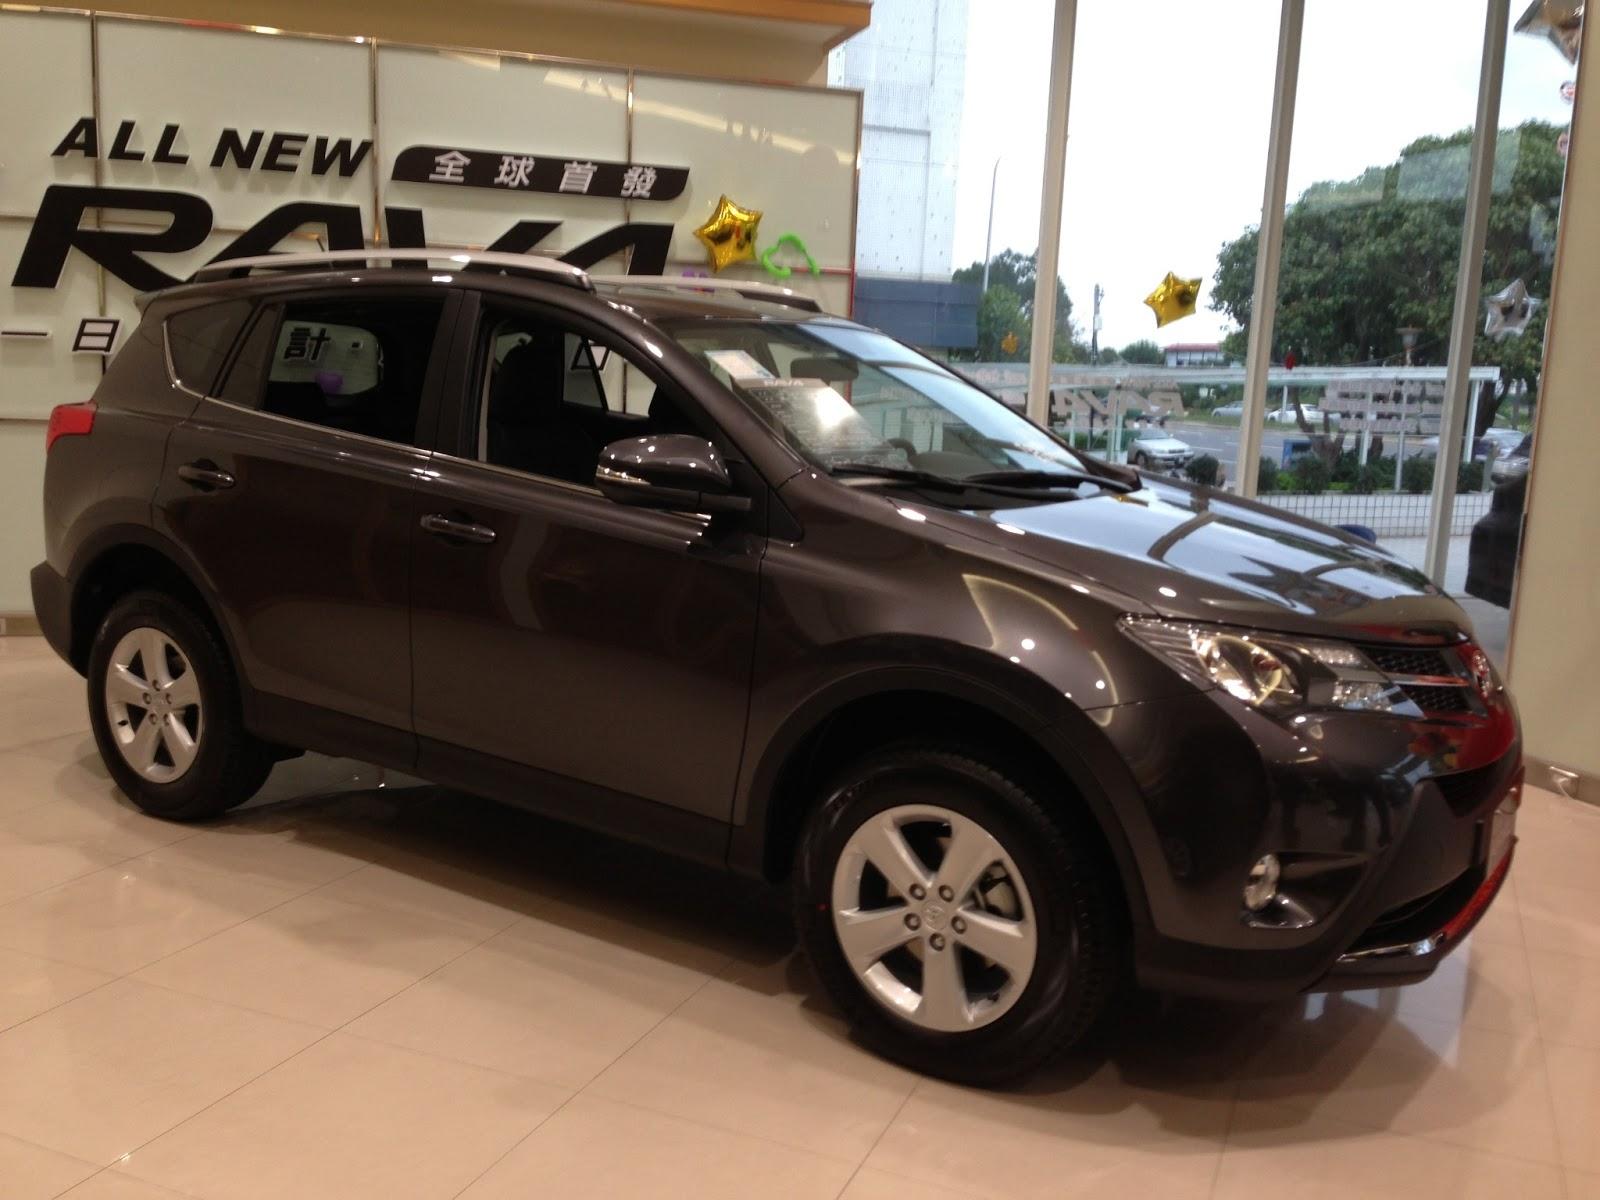 2013年Toyota Rav4試駕:進口車進化一半也是種進步嗎?